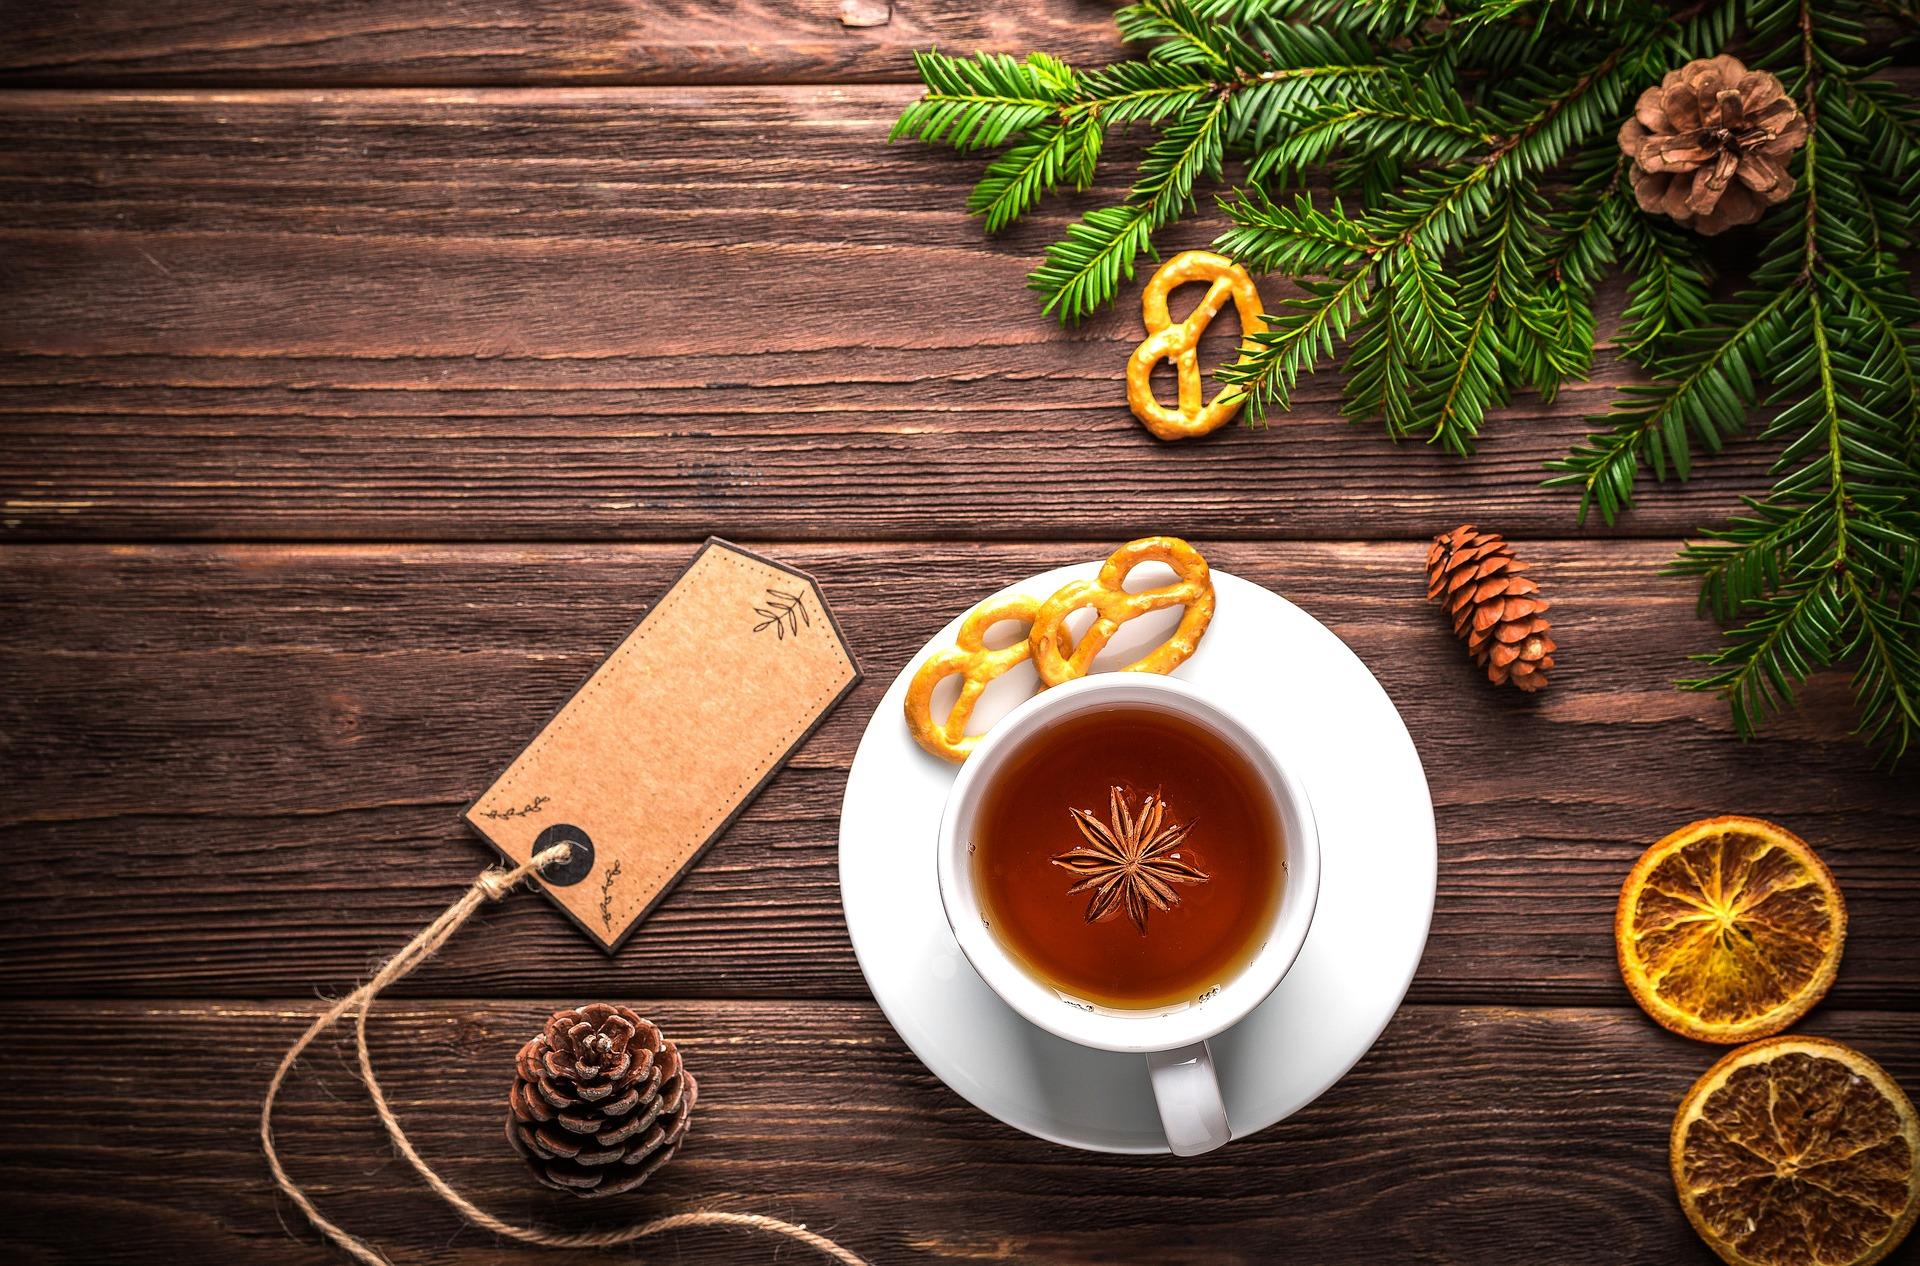 26 febbraio - La storia del tè, curiosità e antiche tradizioni